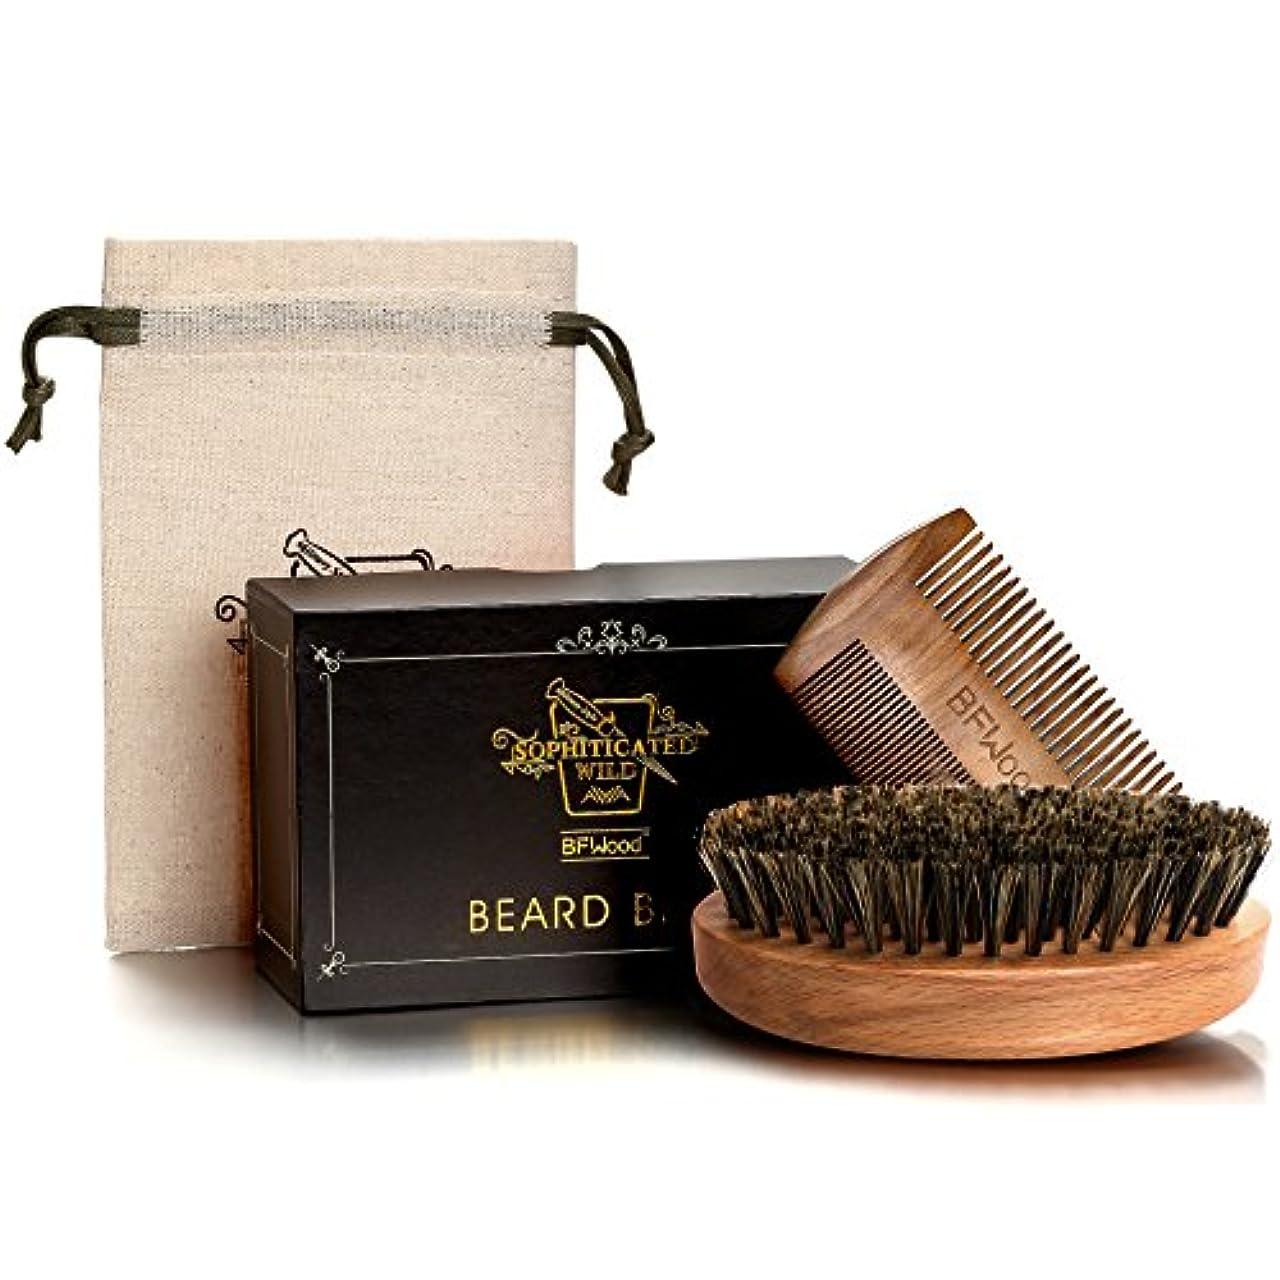 考えた彼女奪うBFWood Beard Brush Set 豚毛髭ブラシと木製コム アメリカミリタリースタイル (ブラシとコムセット)